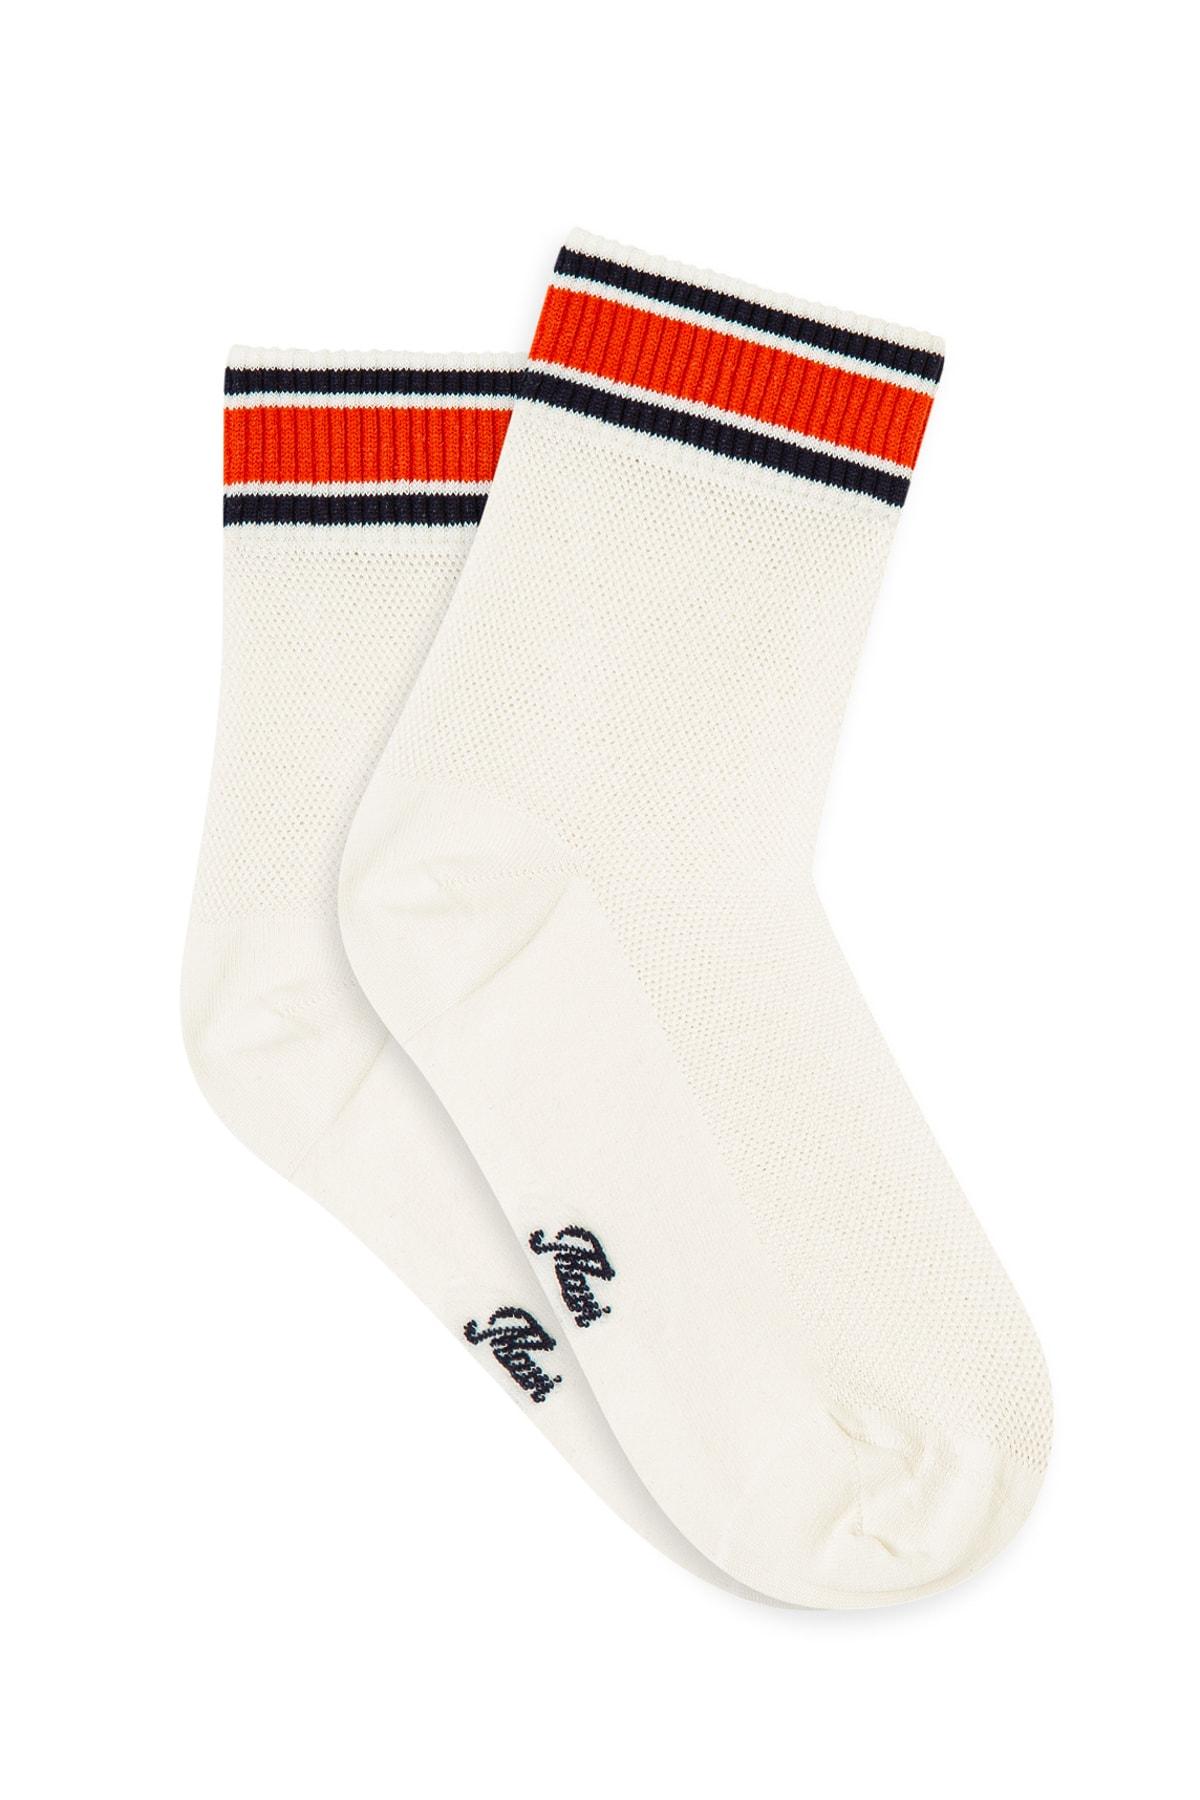 Kadın File Detaylı Çorap 197247-620